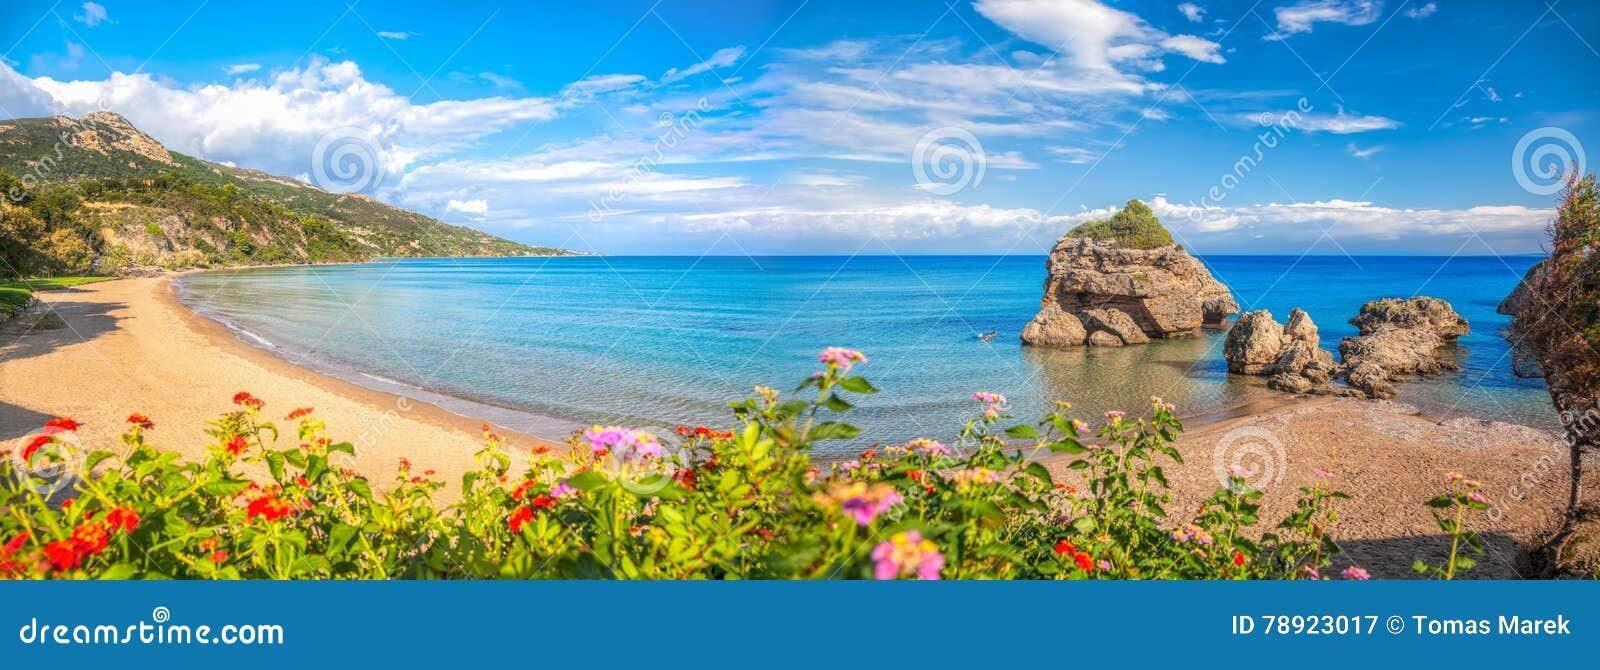 Πανόραμα της παραλίας του Πόρτο Zorro ενάντια στα ζωηρόχρωμα λουλούδια στο νησί της Ζάκυνθου, Ελλάδα